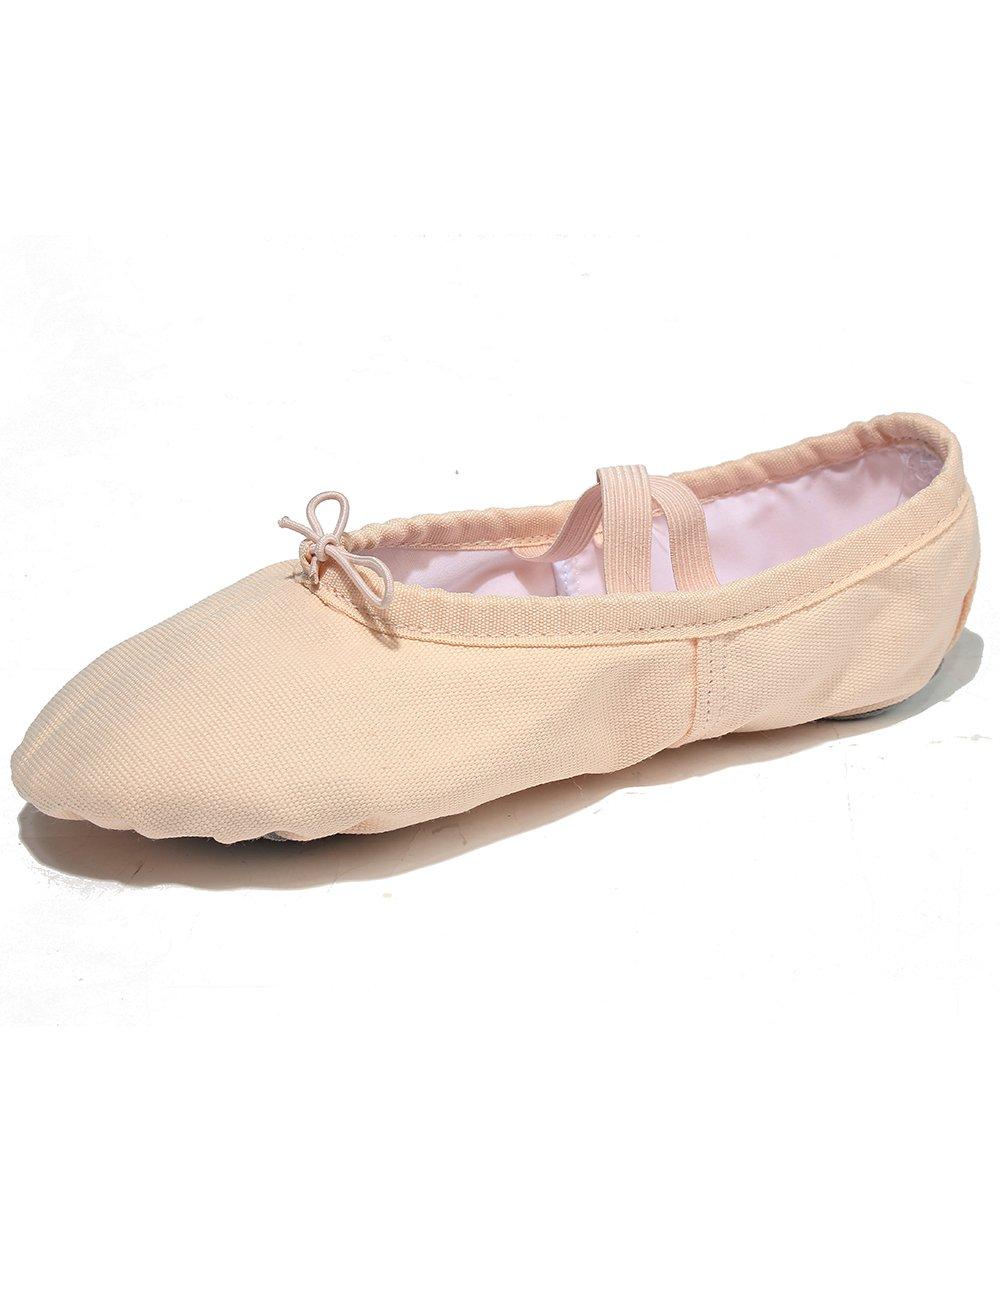 Zapatillas de Ballet Clásico de Suela Partida Para Mujer Niña y Adulta Zapatillas Blandas de Danza y Gimnasia Lily' s Locker